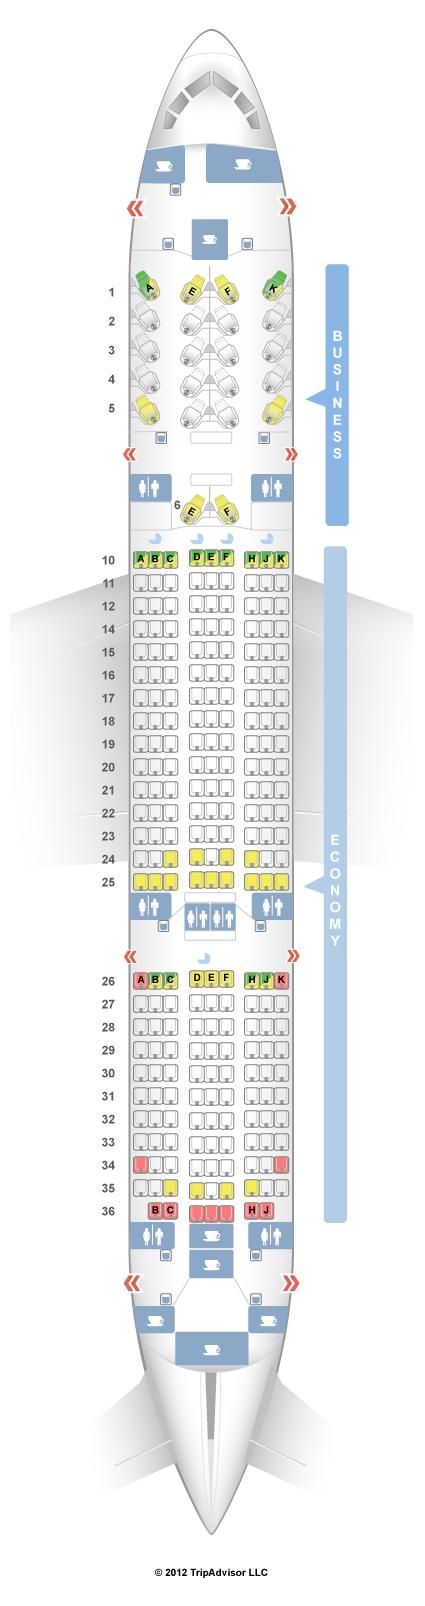 seatguru seat map qatar airways boeing 787 8 788